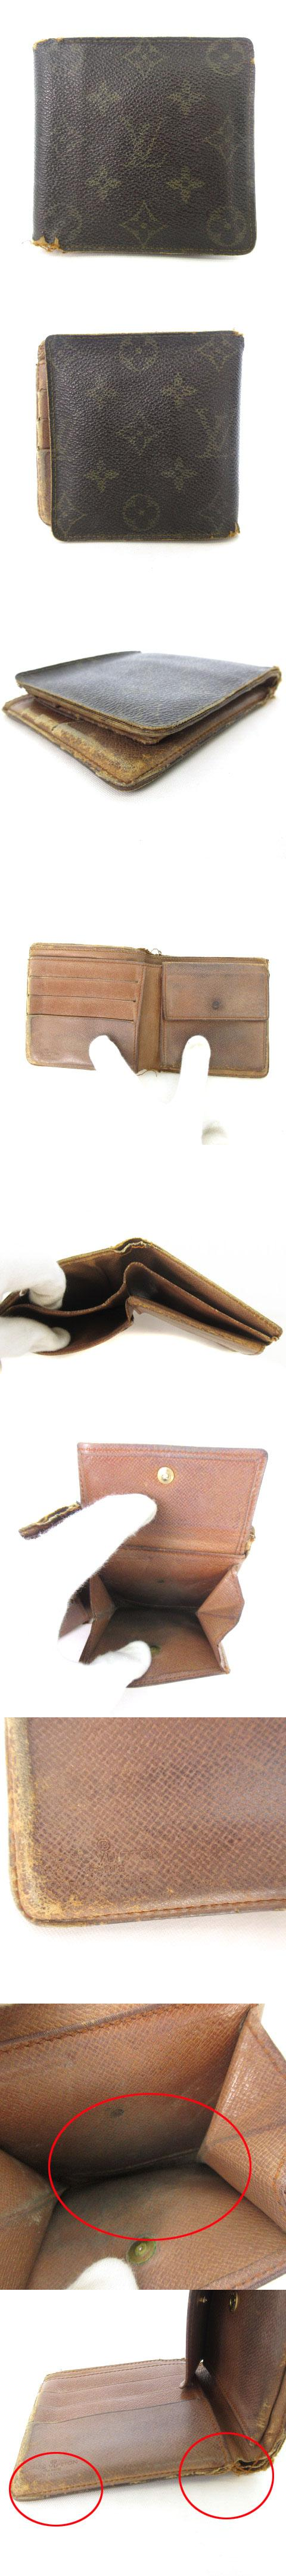 ポルトフォイユマルコ モノグラム 旧型 財布 2つ折り 茶 ブラウン M61675 ☆CA☆キ30-3店 /ka0312